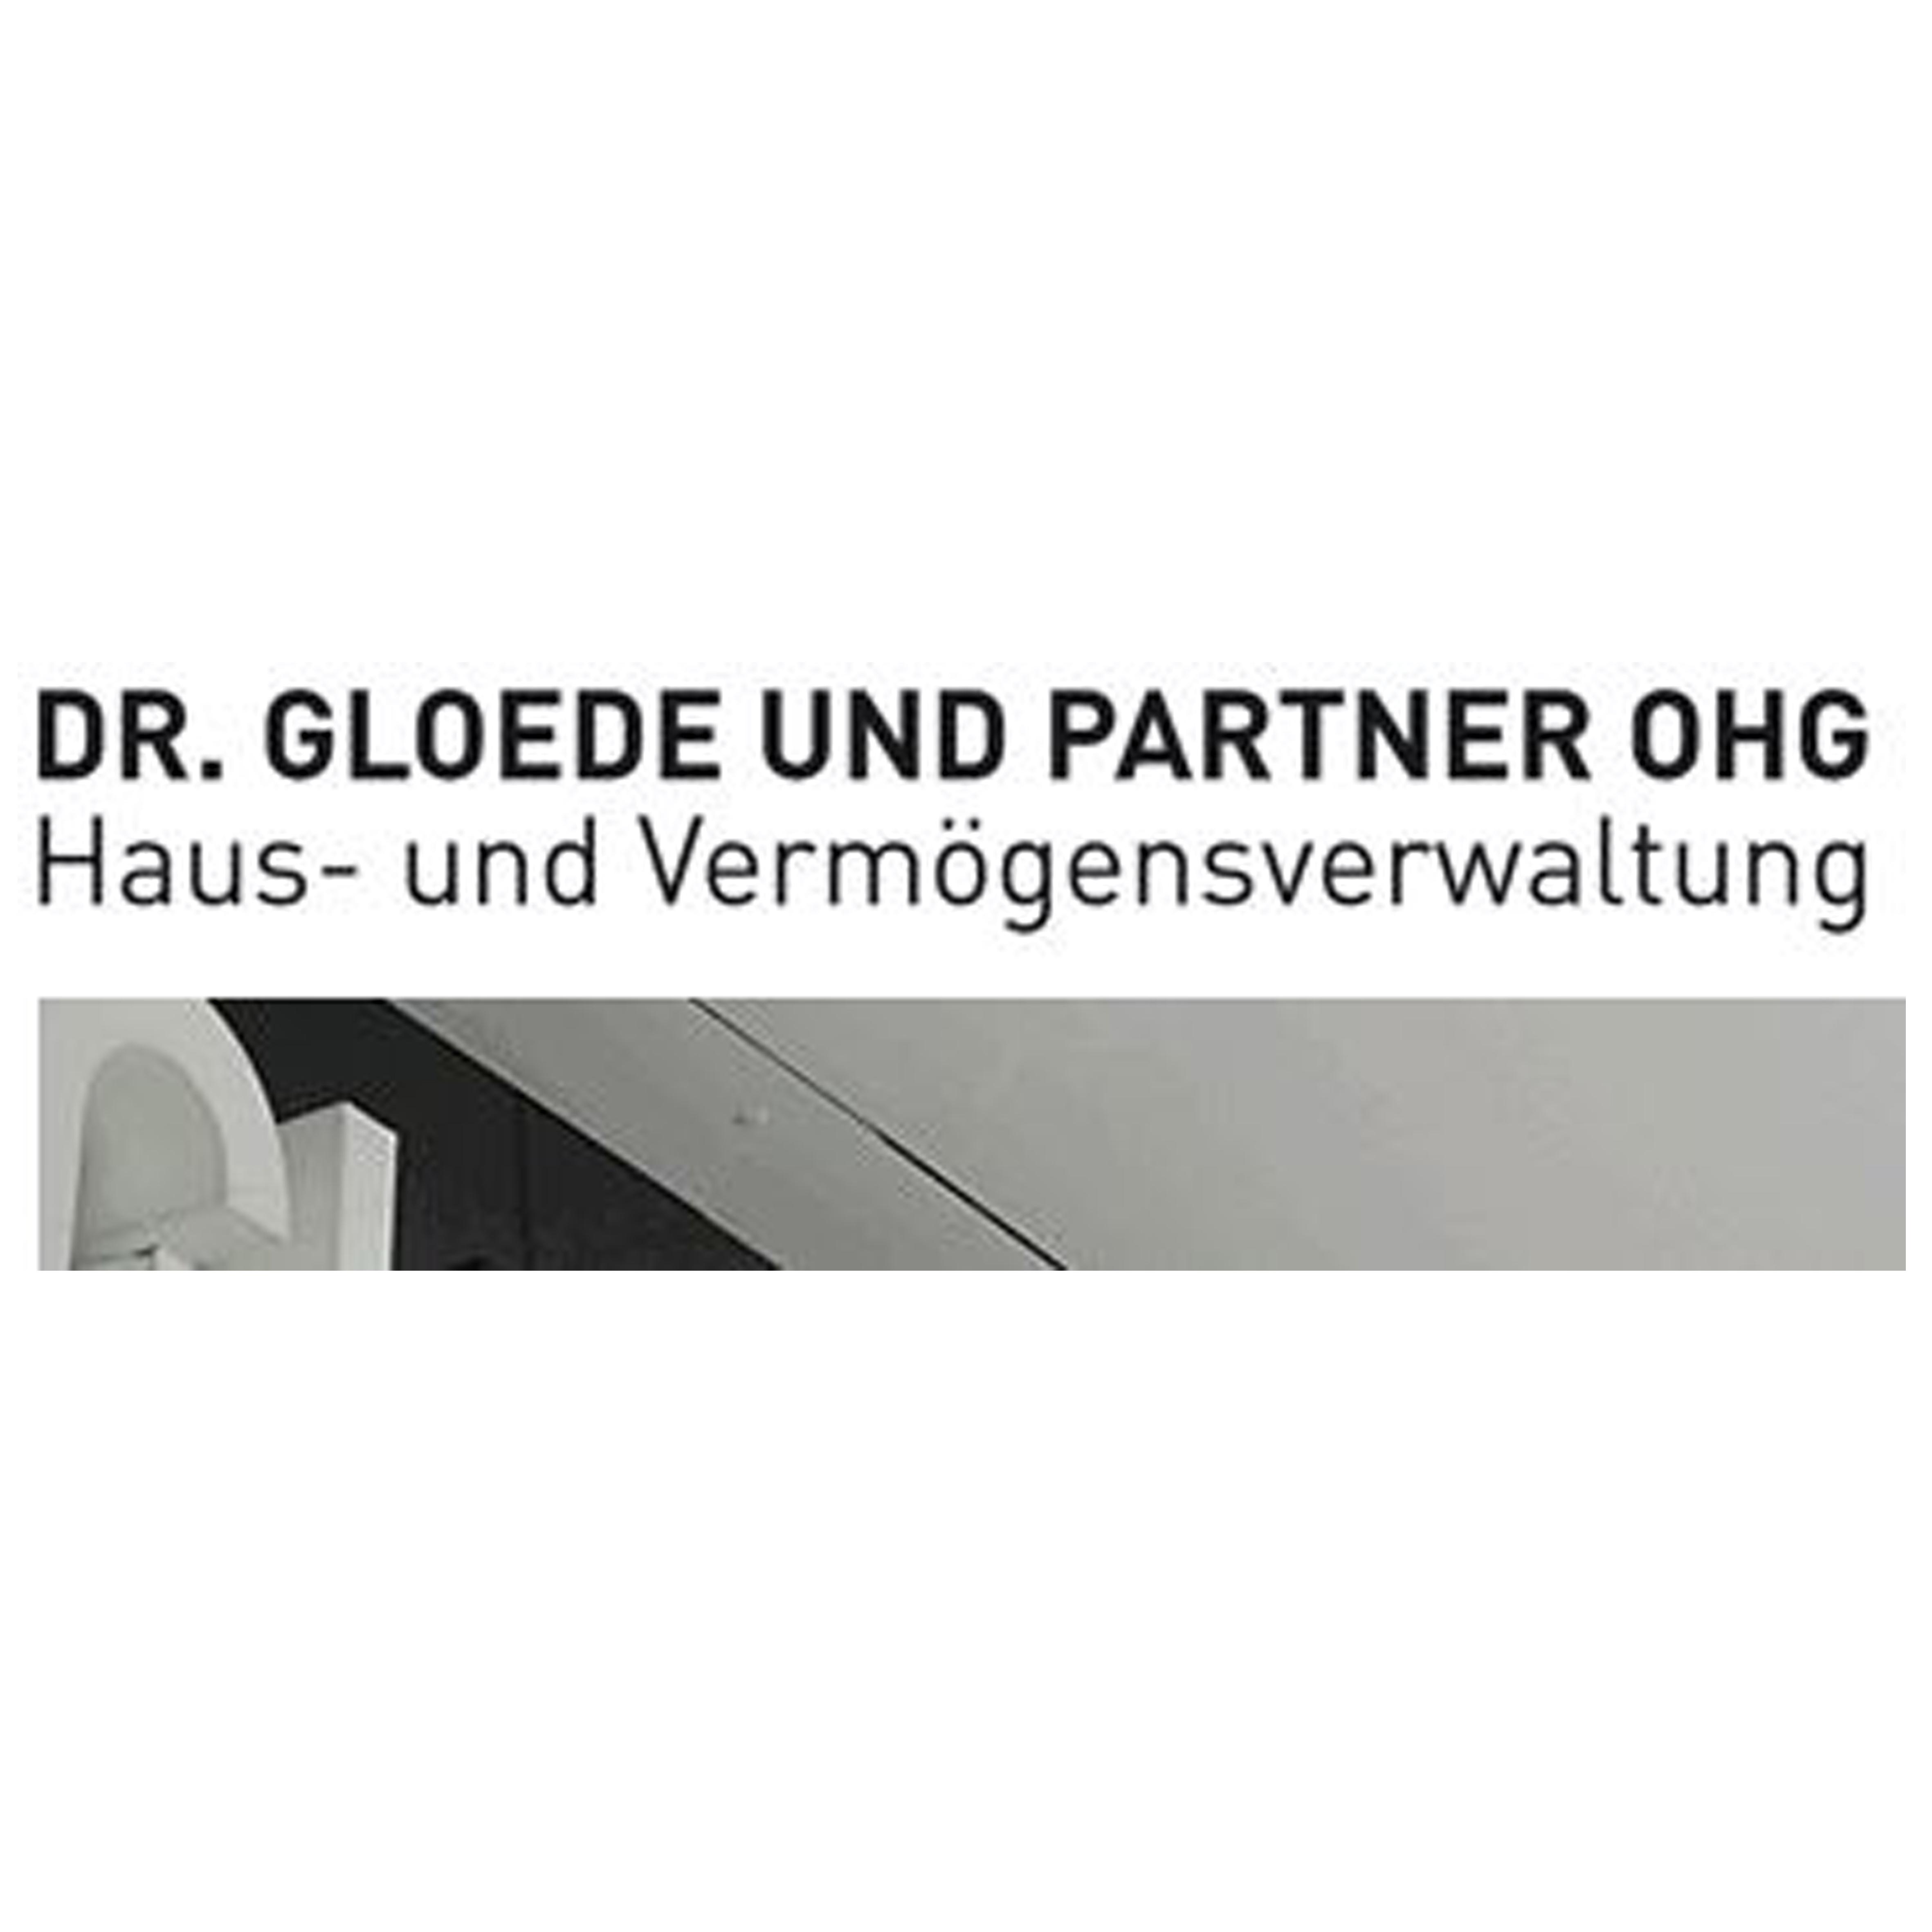 Dr. Gloede und Partner OHG